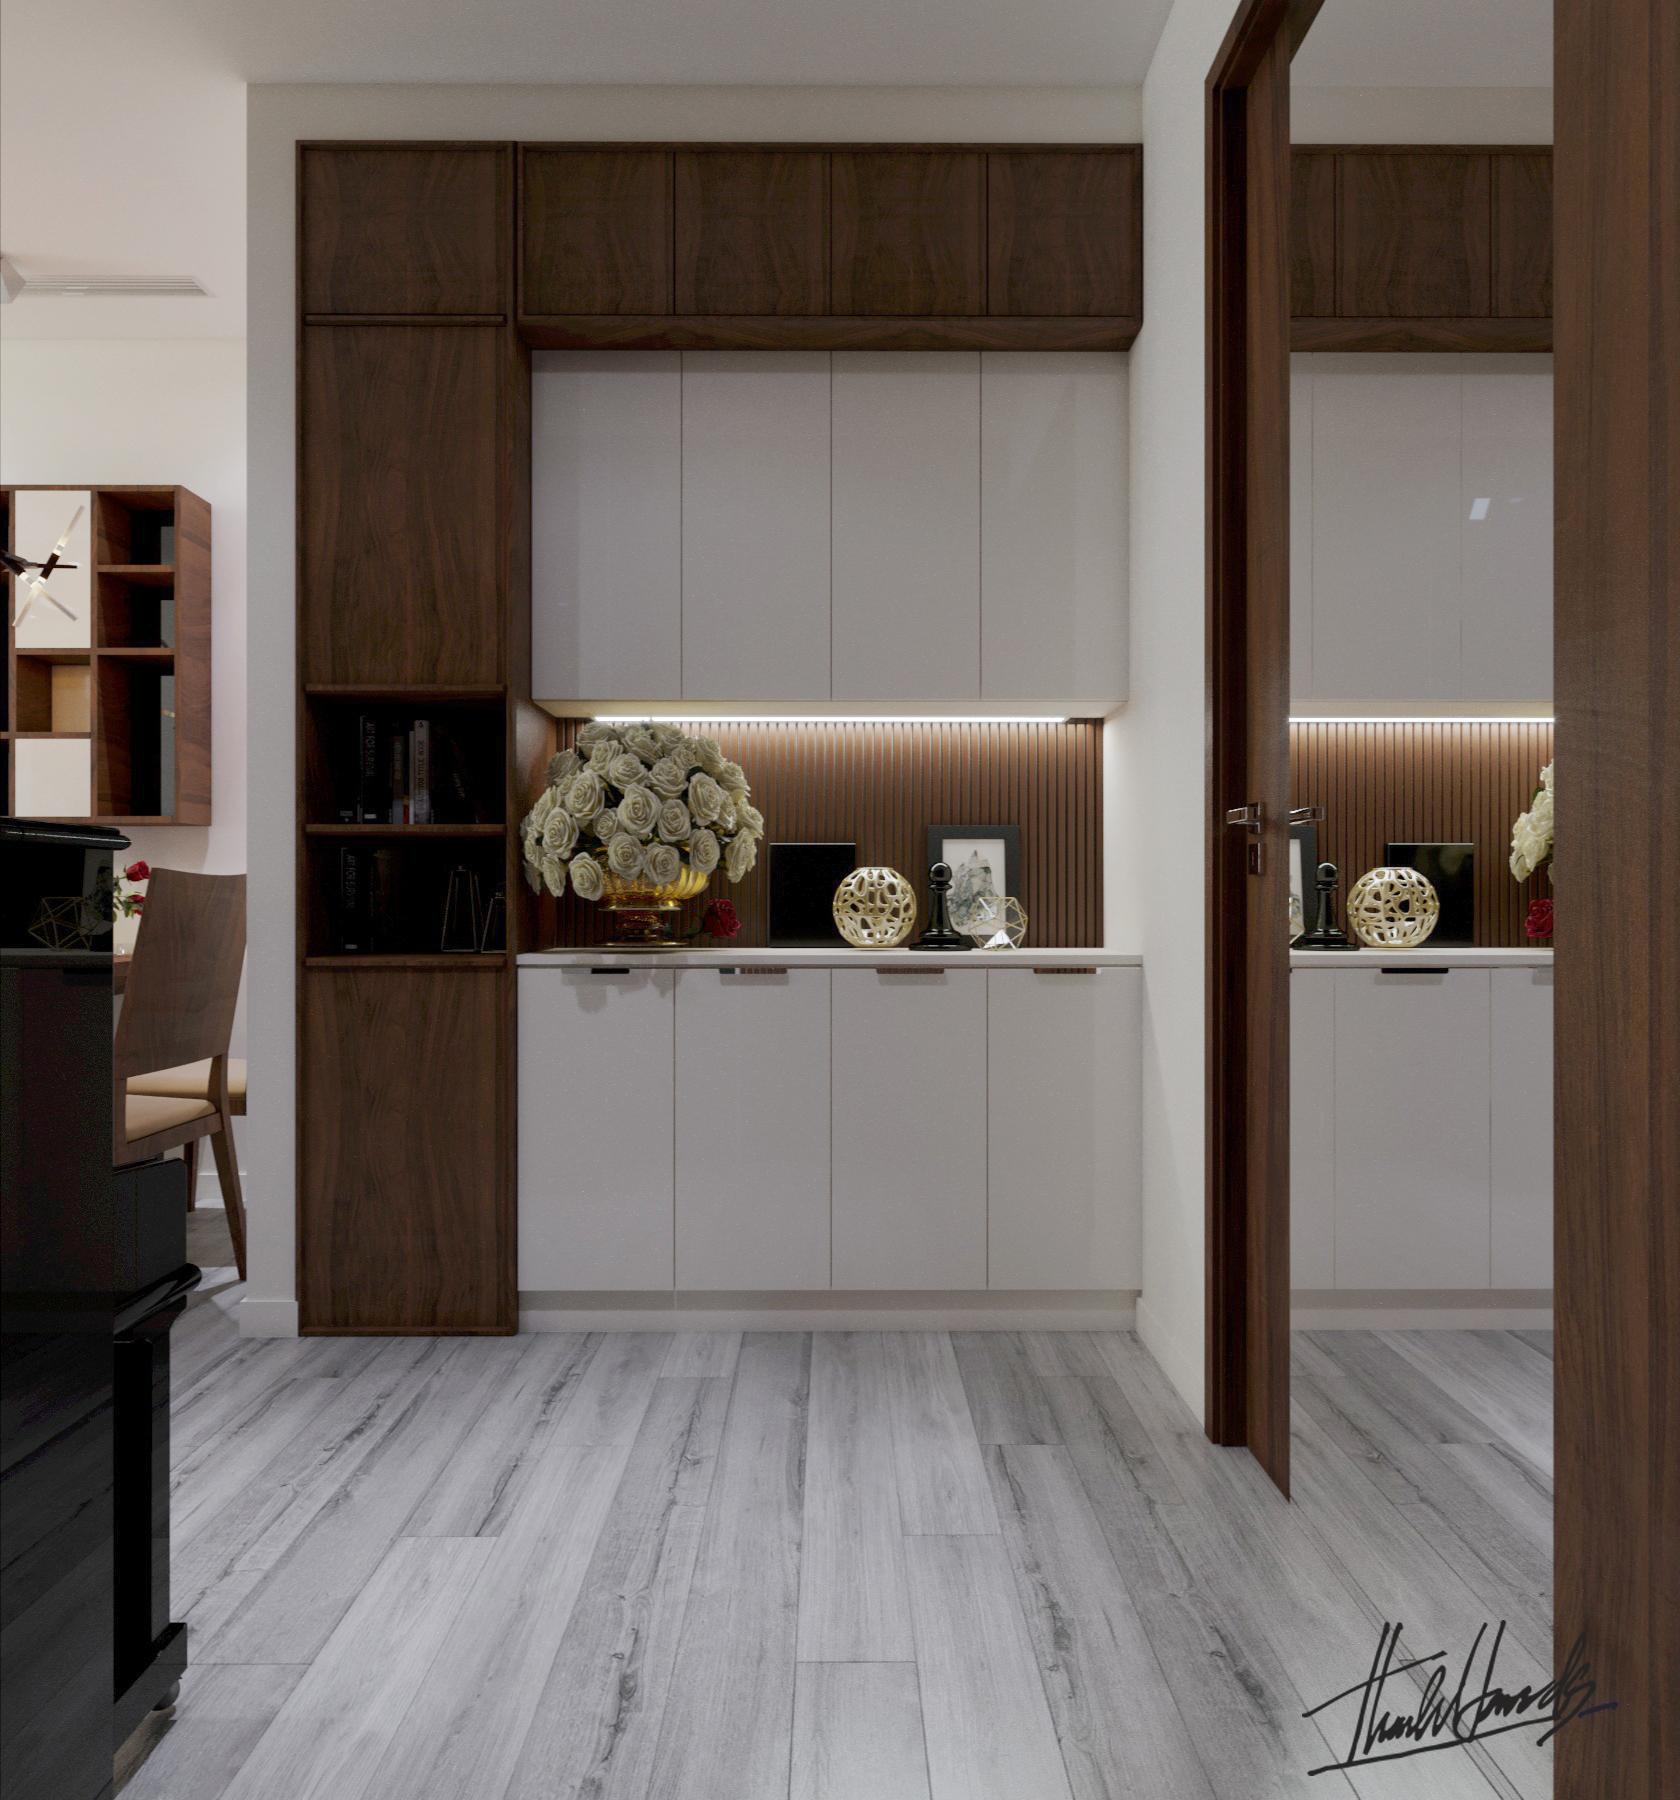 thiết kế Nội thất Chung Cư chung cư - Vin mỹ đình128